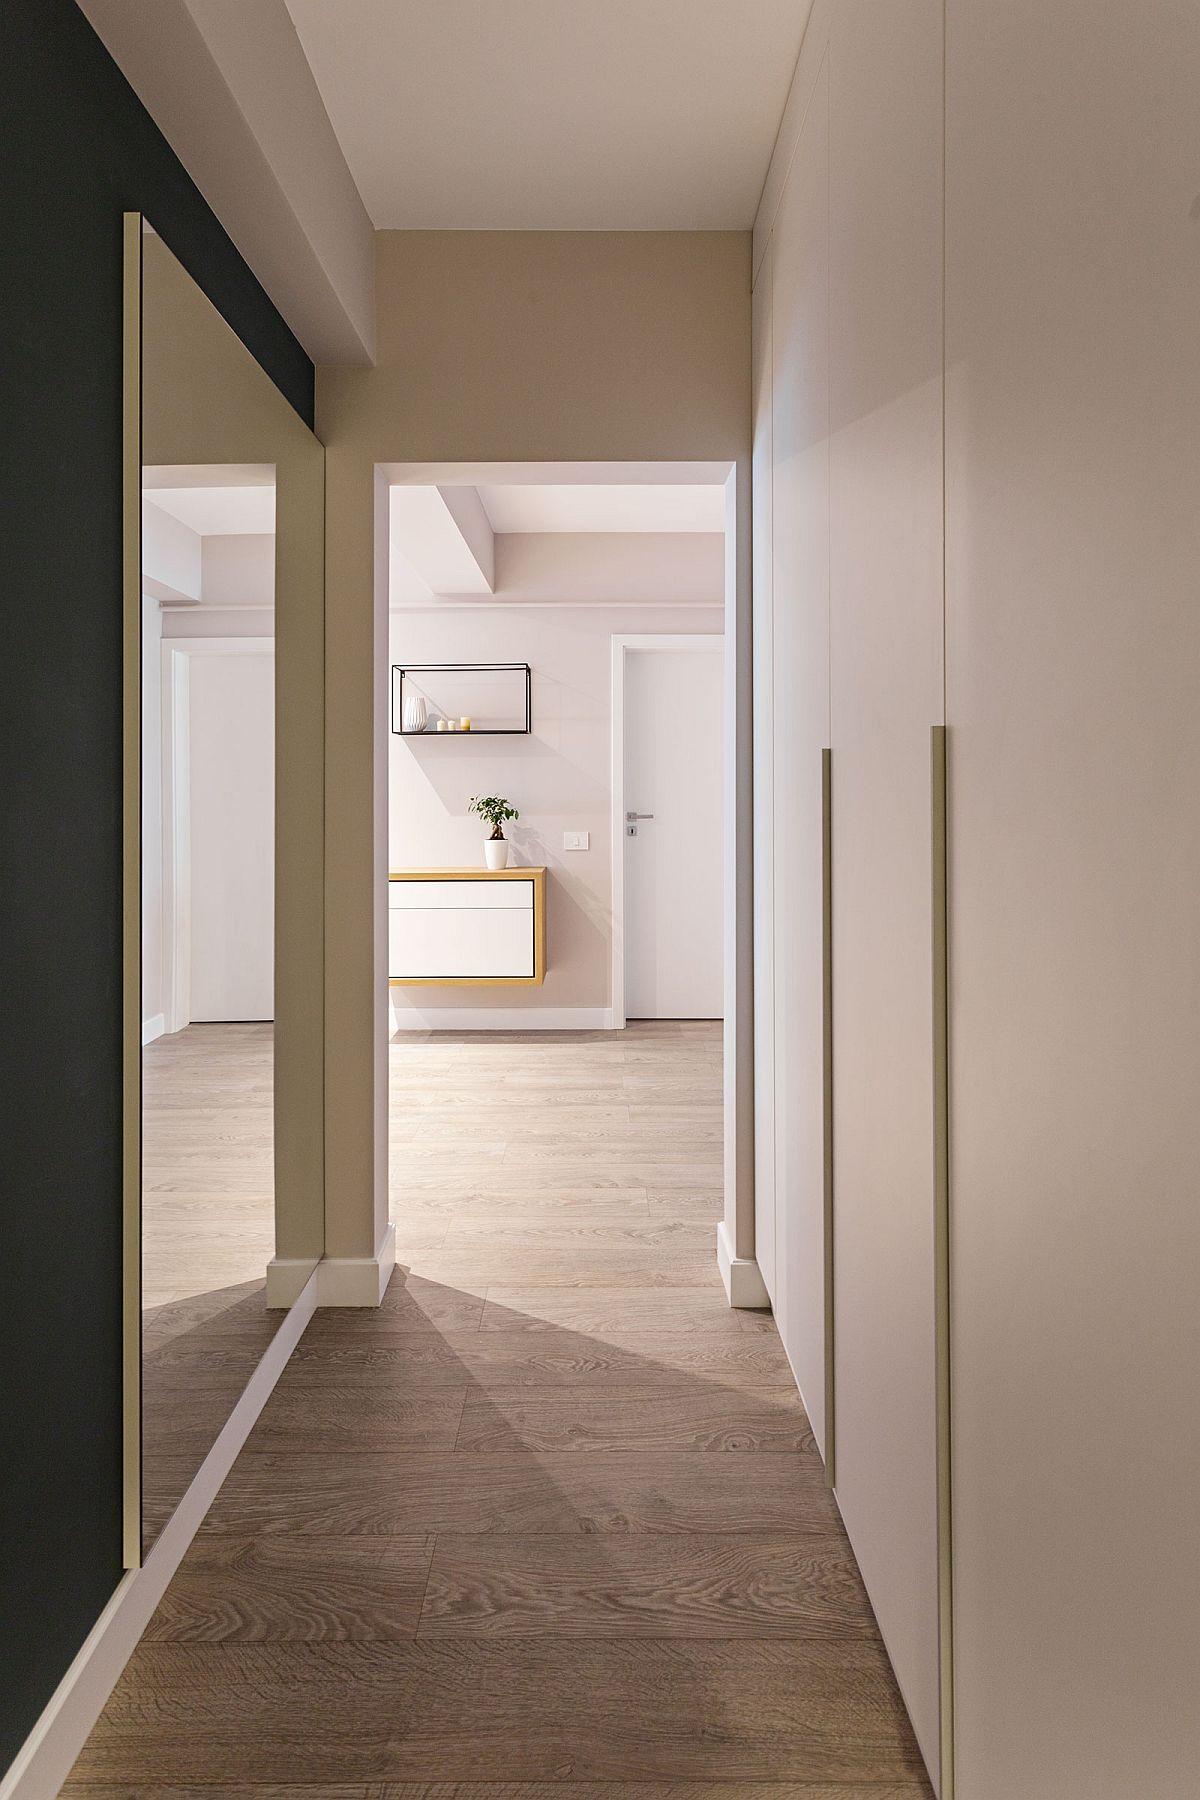 Holul către dormitoare a fost folosit ca și spațiu de dezpozitare, având în vedere faptul că dormitoarele nu sunt foarte generoase ca și dimensiuni. Întregul mobilier a fost realizat pe comandă, după proiectul arhitecților, la firma orădeana Saramob.